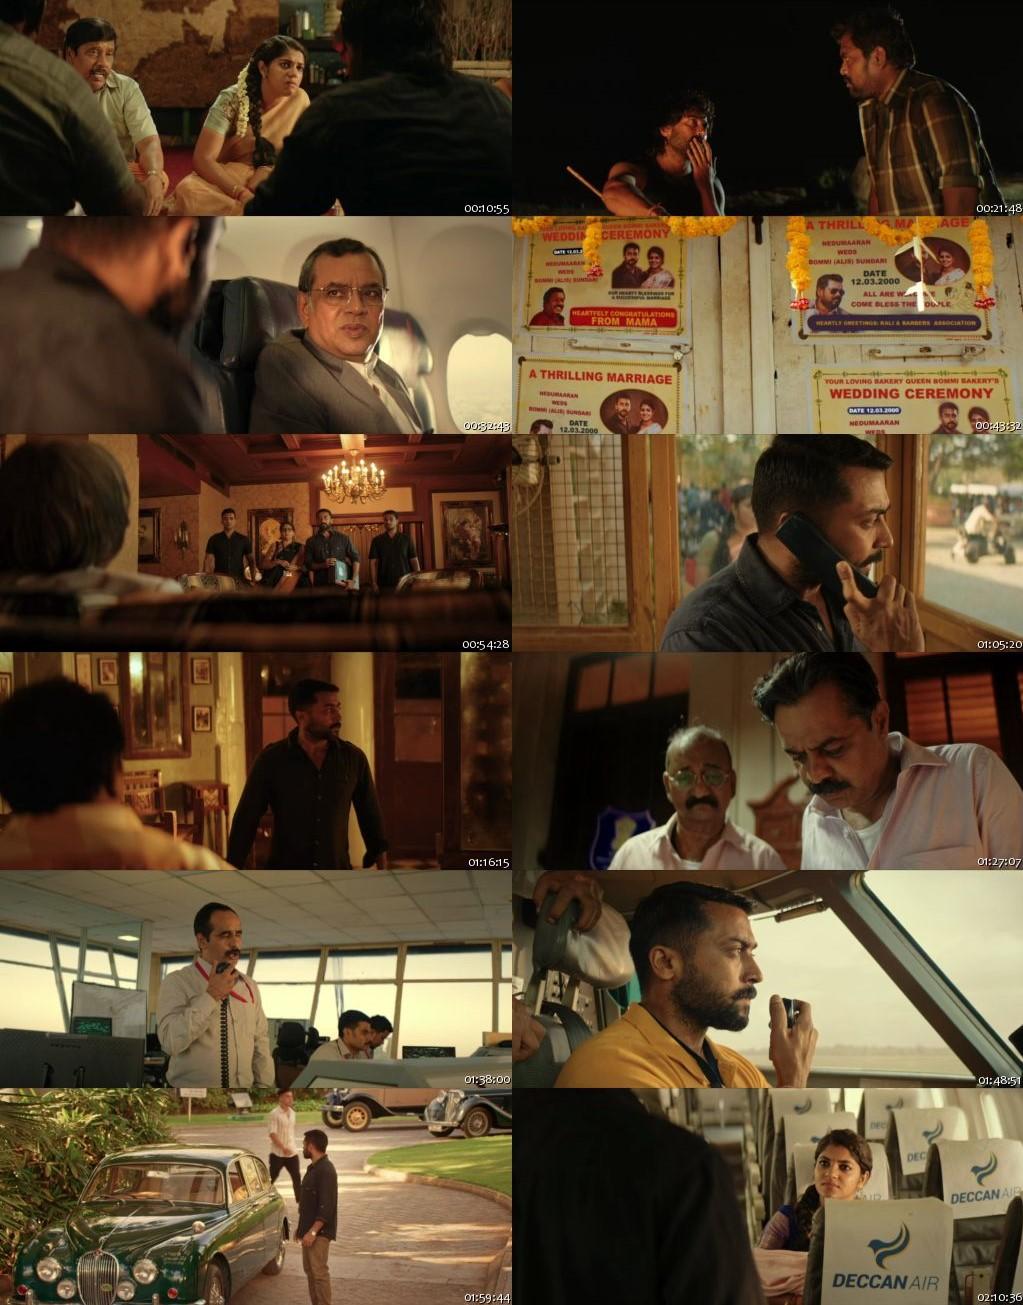 Soorarai Pottru: Udaan 2021 Full Hindi Dubbed Movie Online Watch